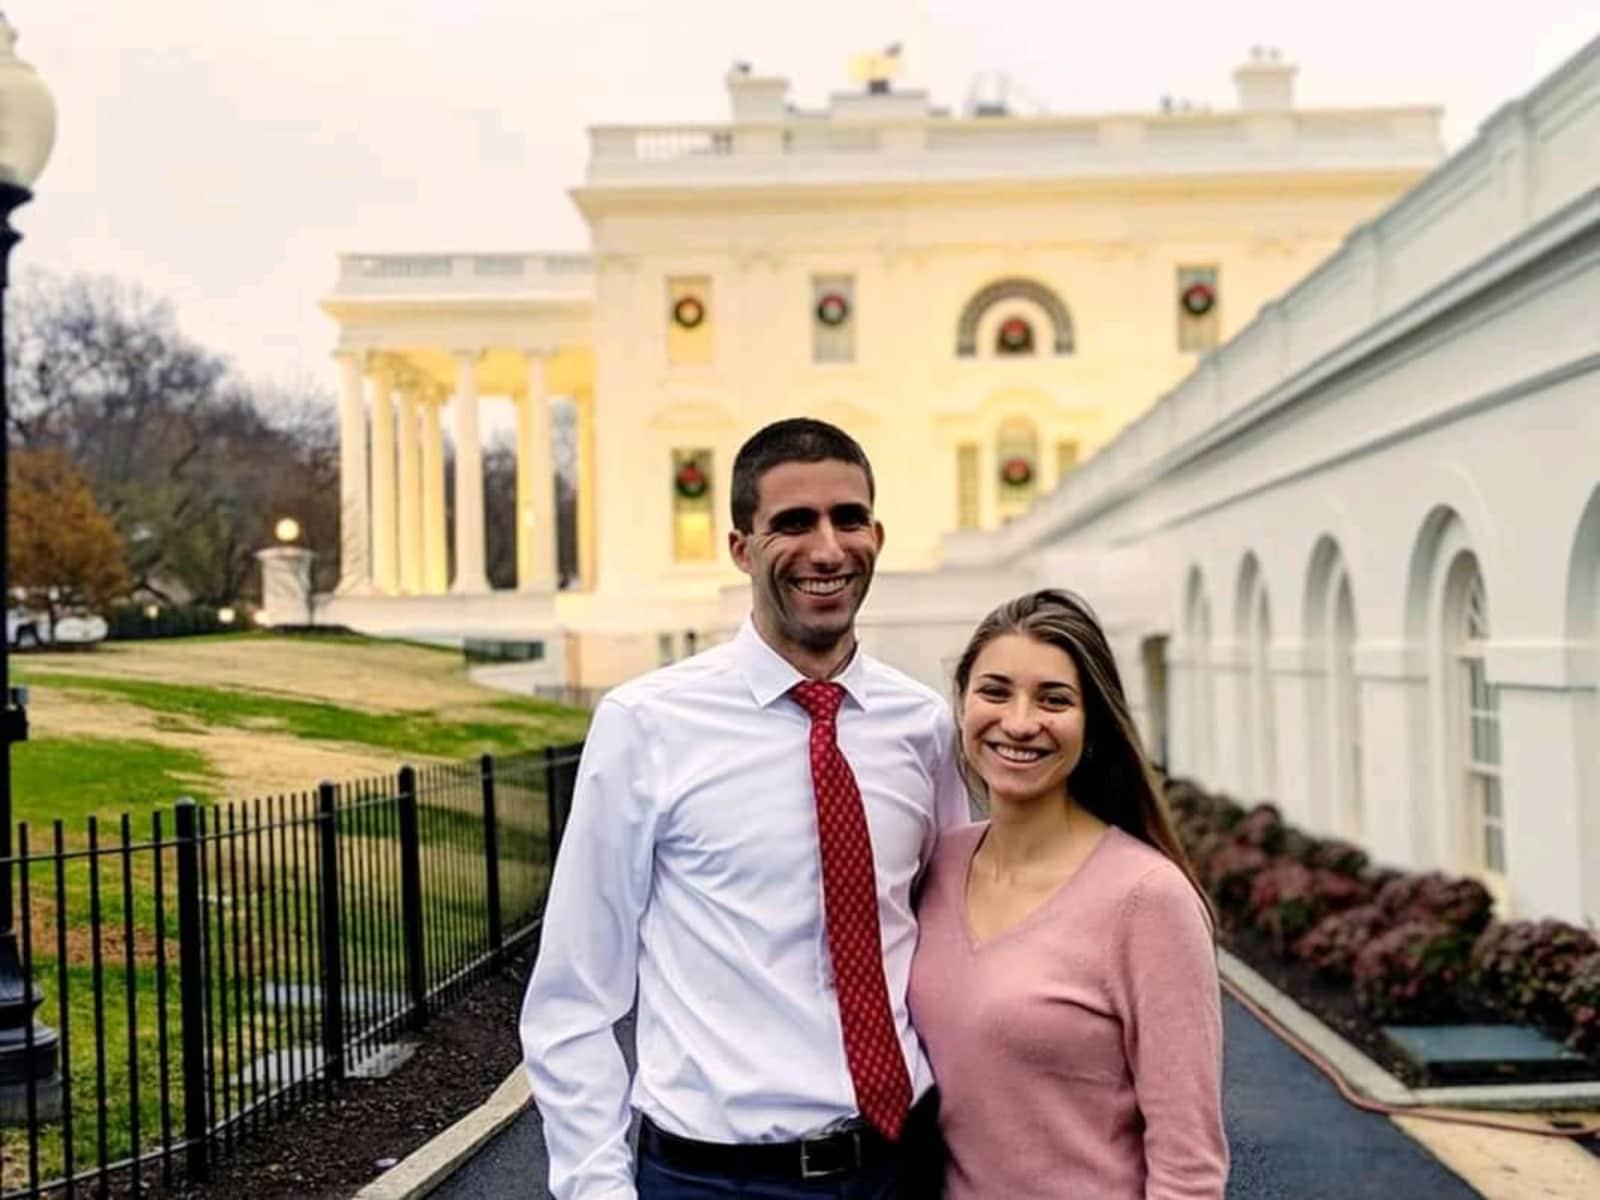 Louis & Emily from Washington, D.C., Washington, D.C., United States